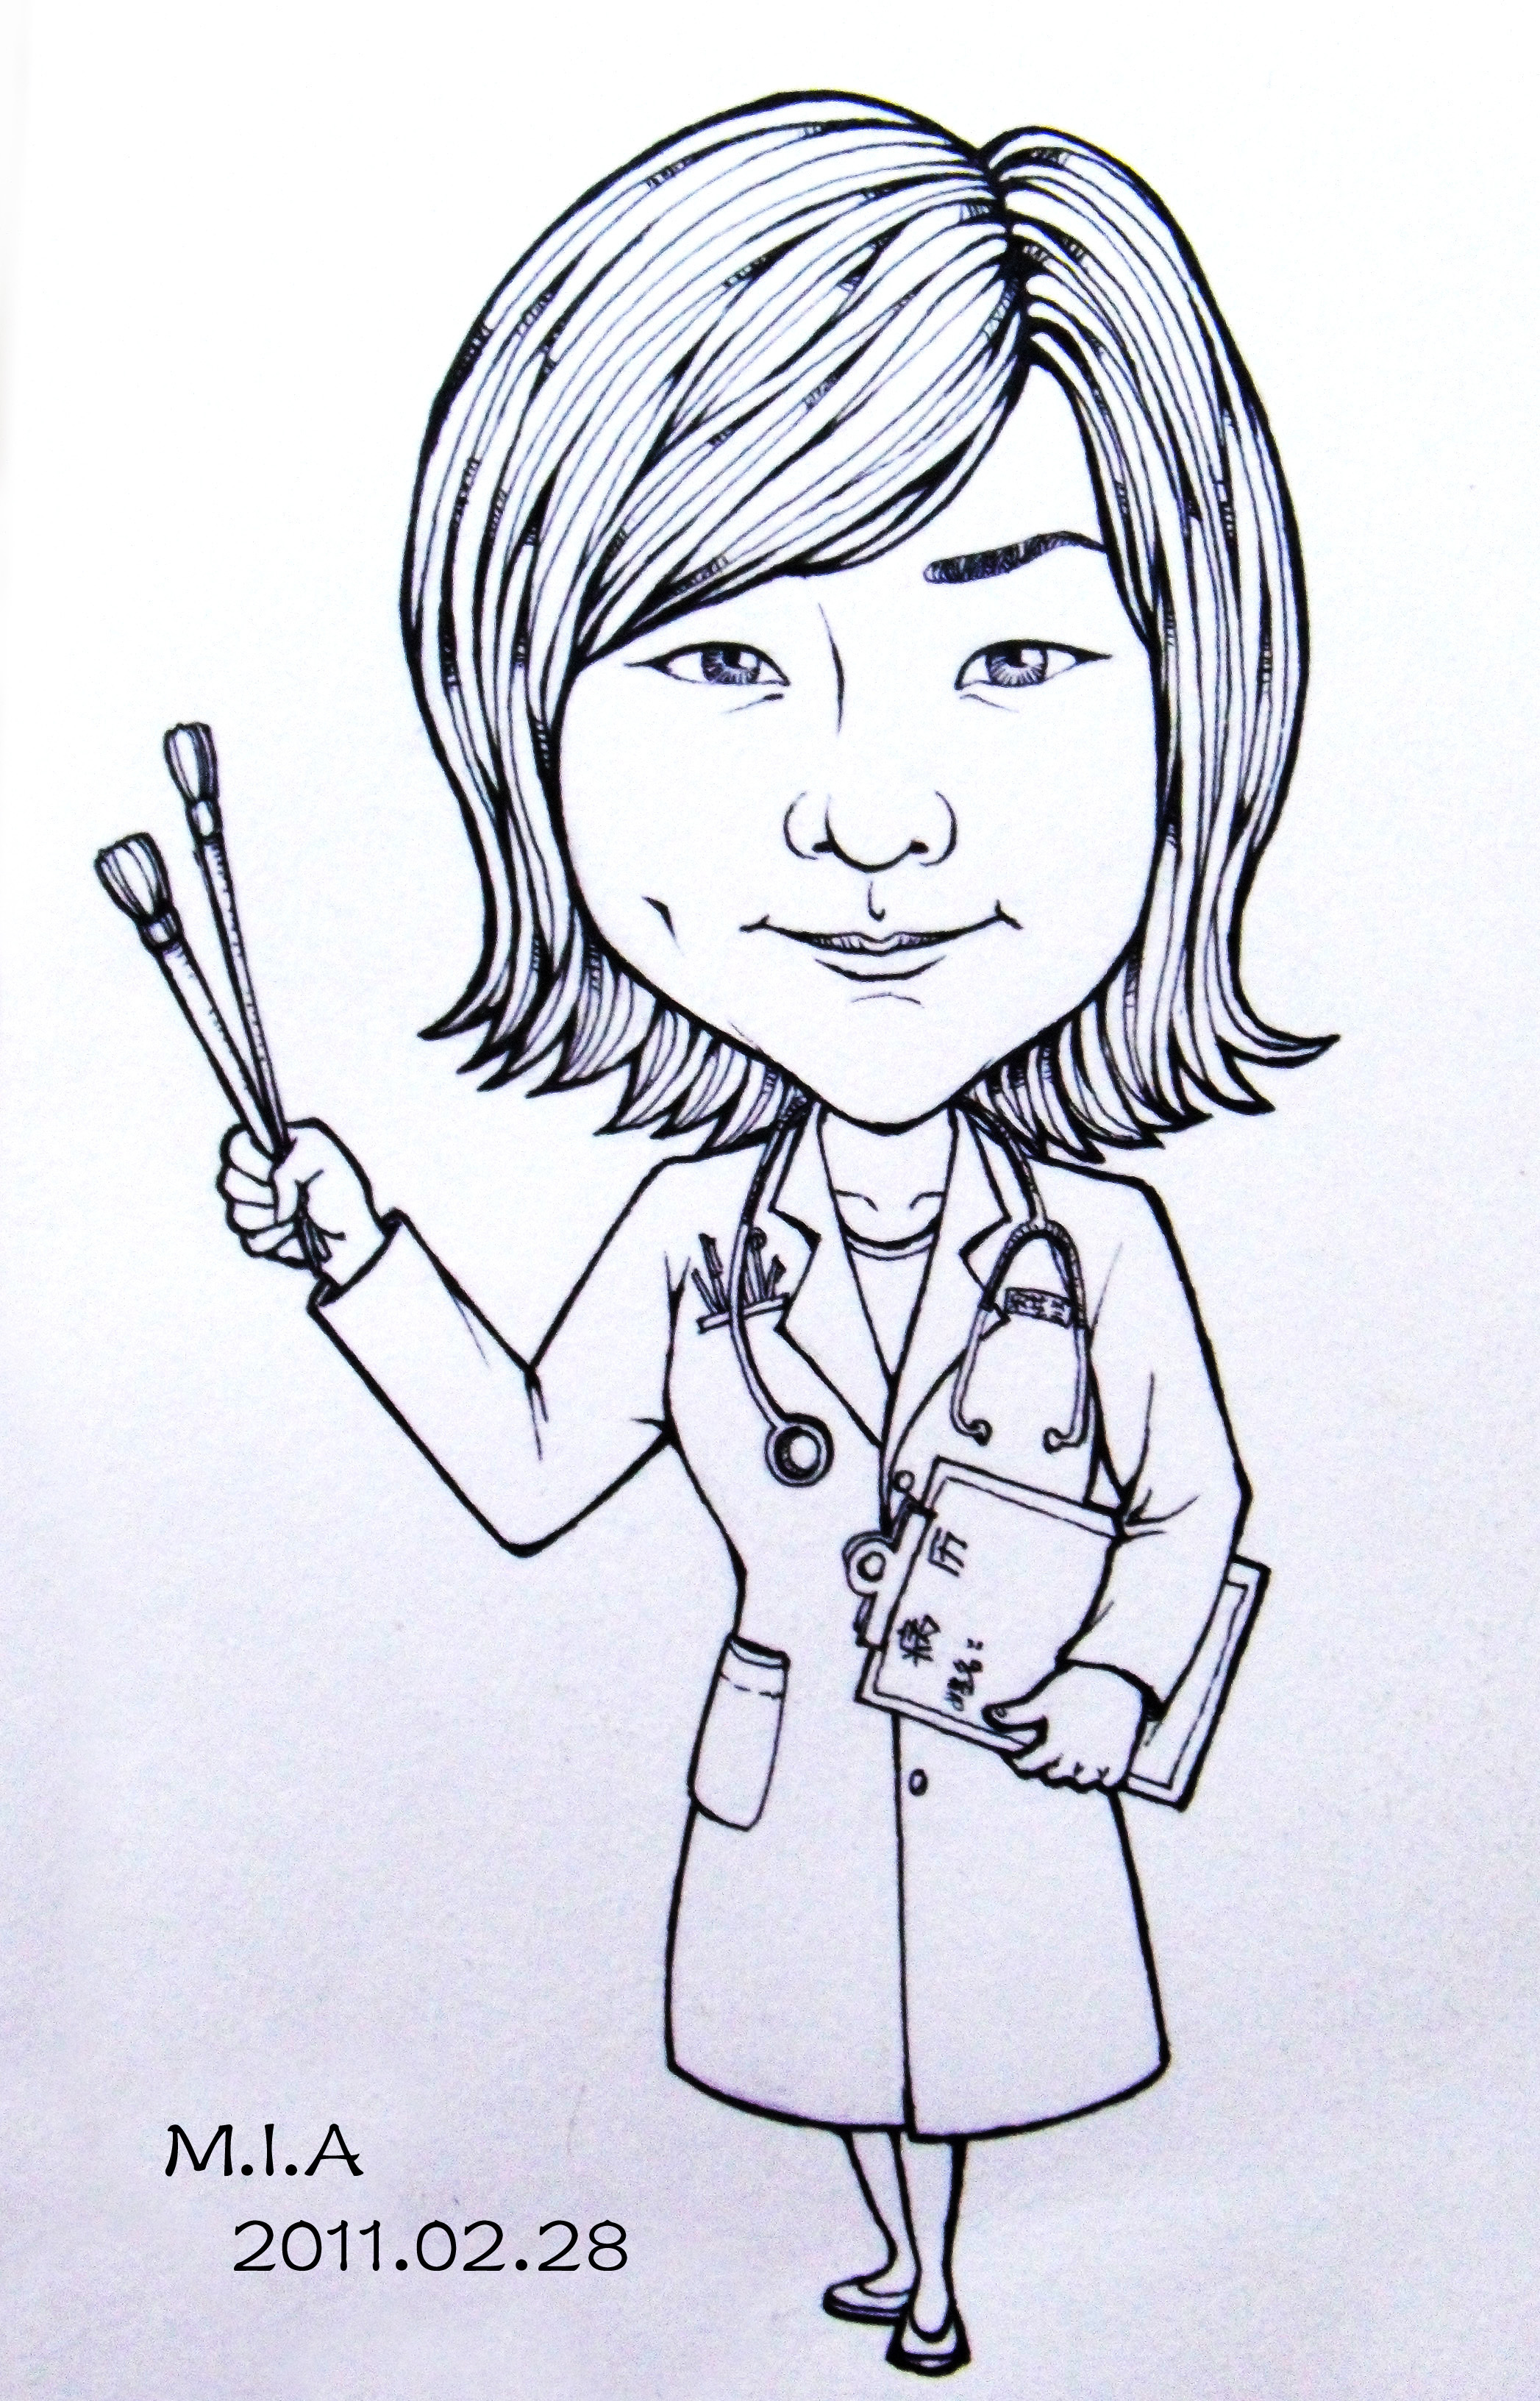 人物漫画肖像